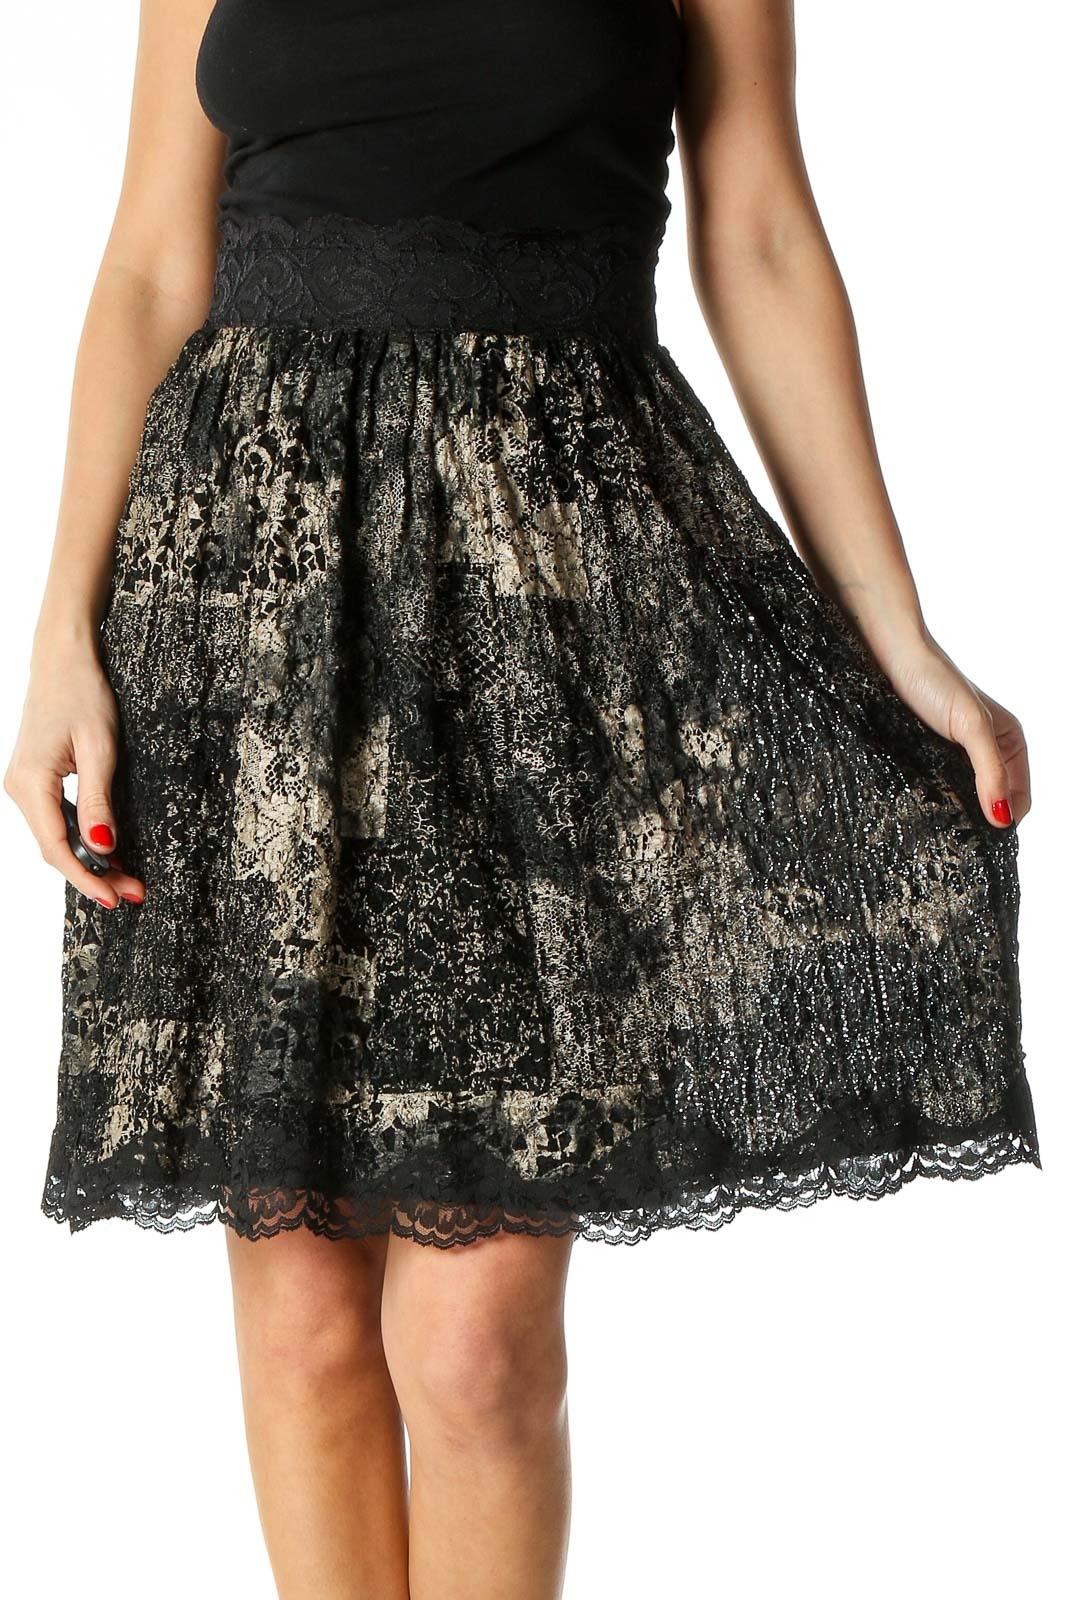 Black Print Retro Flared Skirt Front